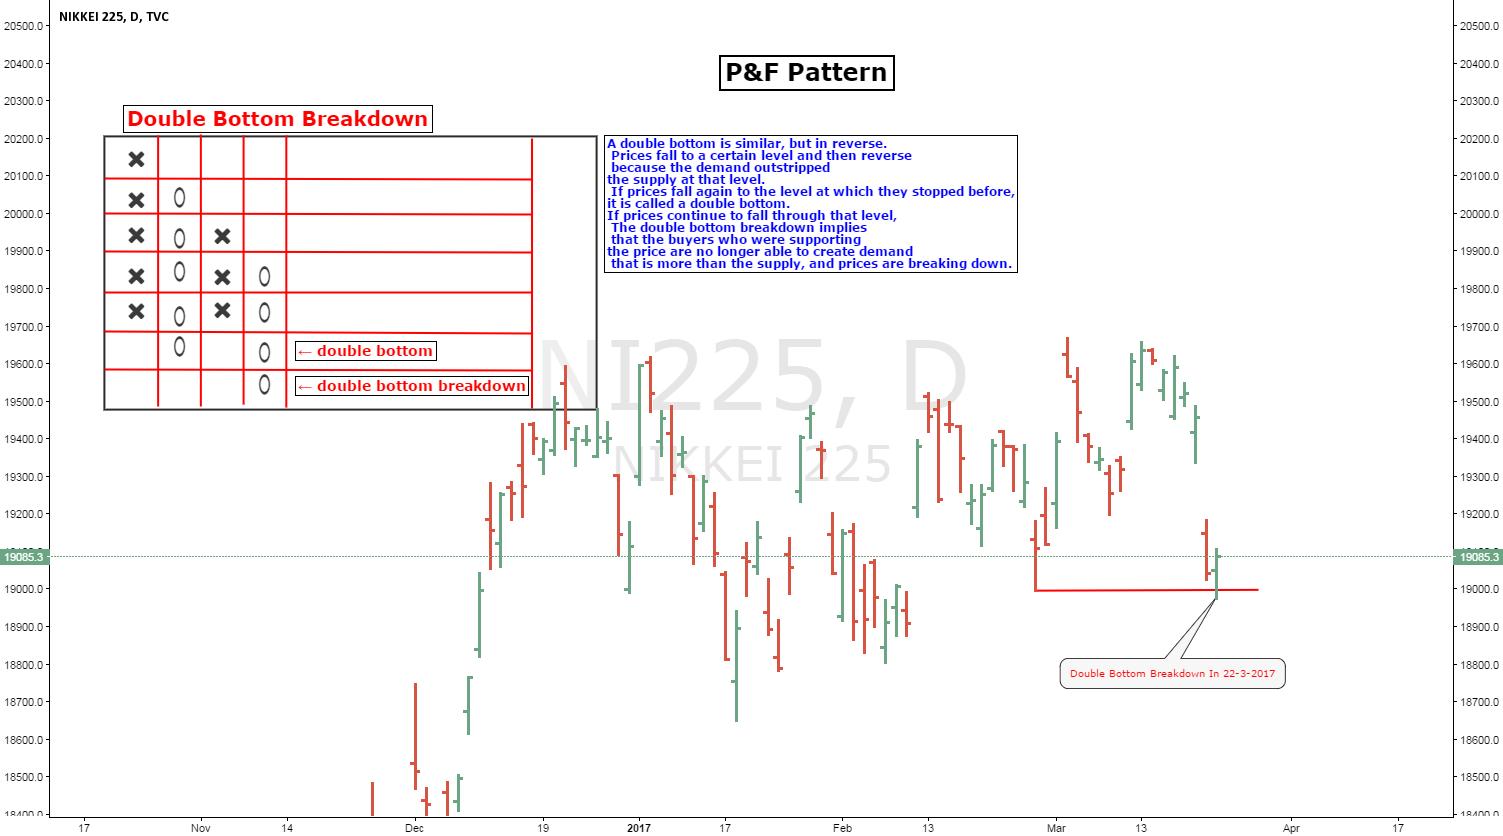 NIKKEI P&F Pattern Double Bottom Breakdown